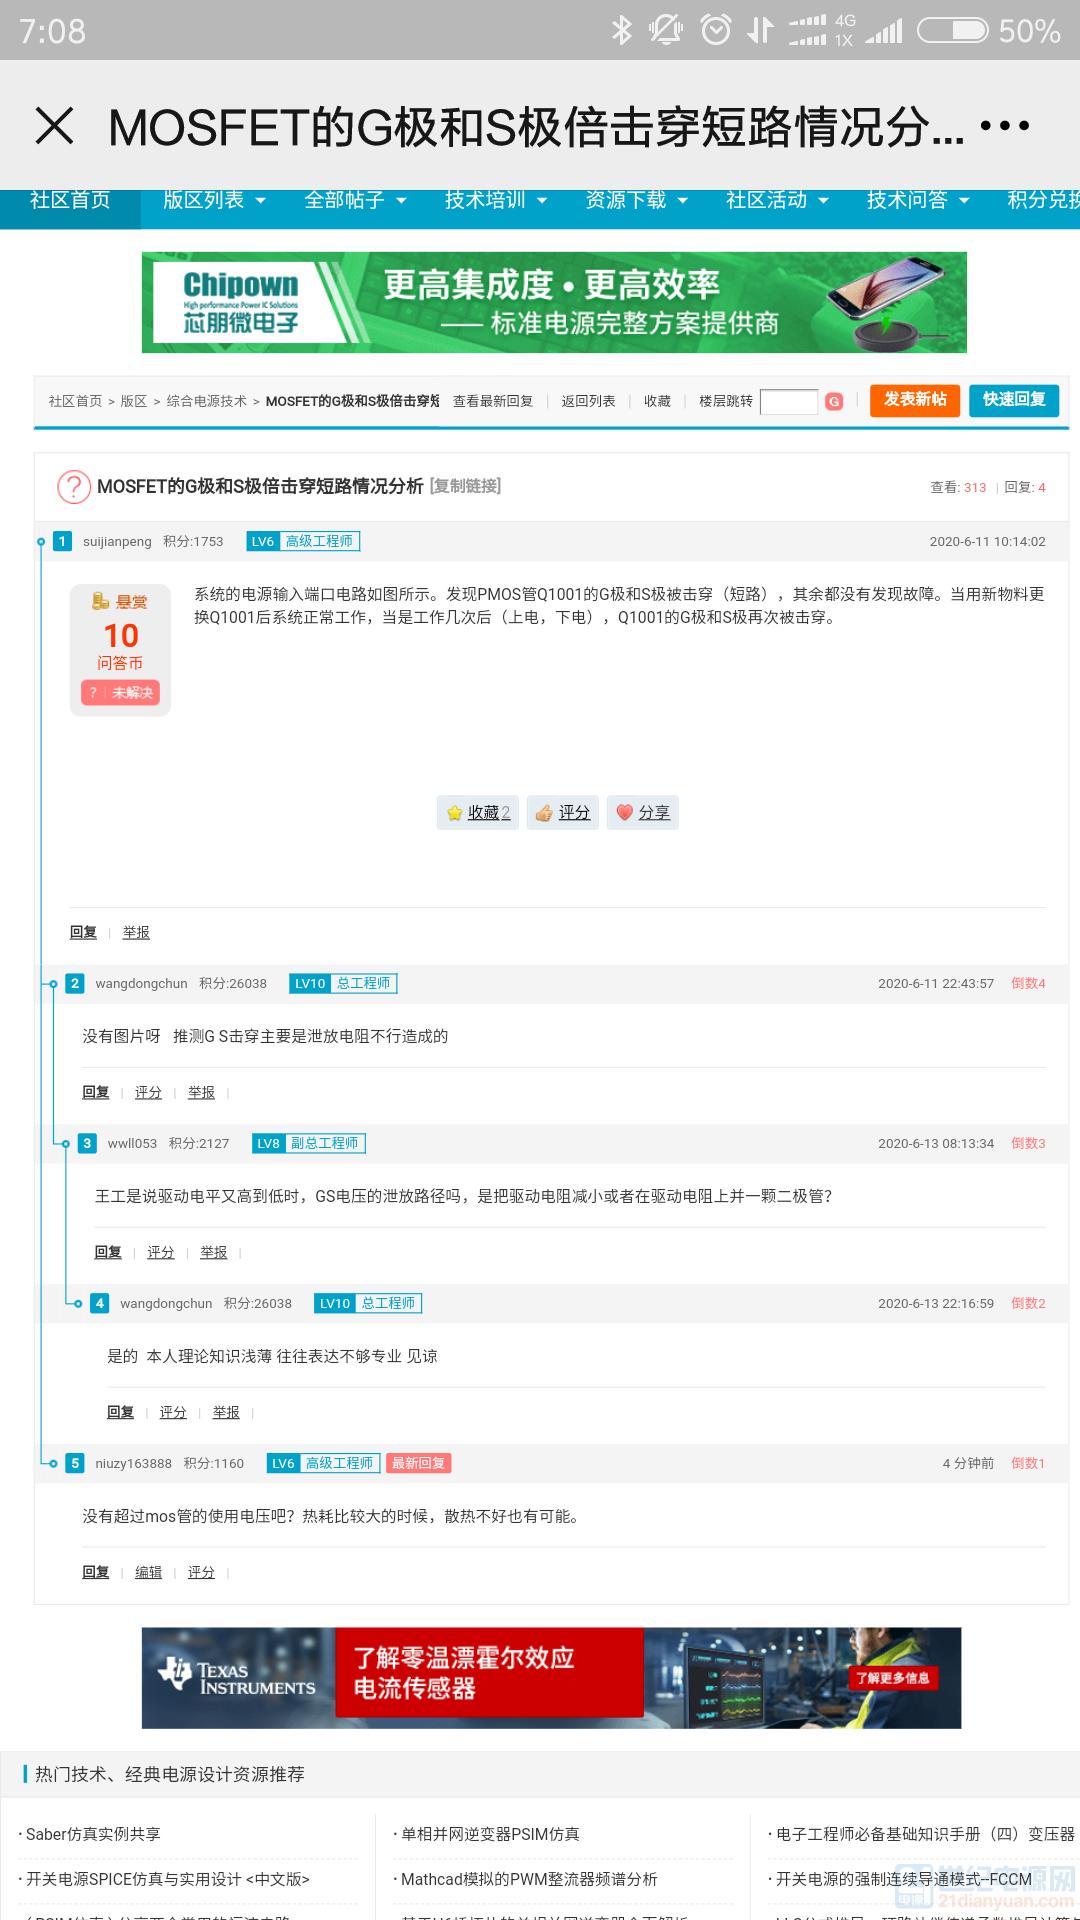 Screenshot_2020-08-20-07-08-47-620_com.tencent.mm.png